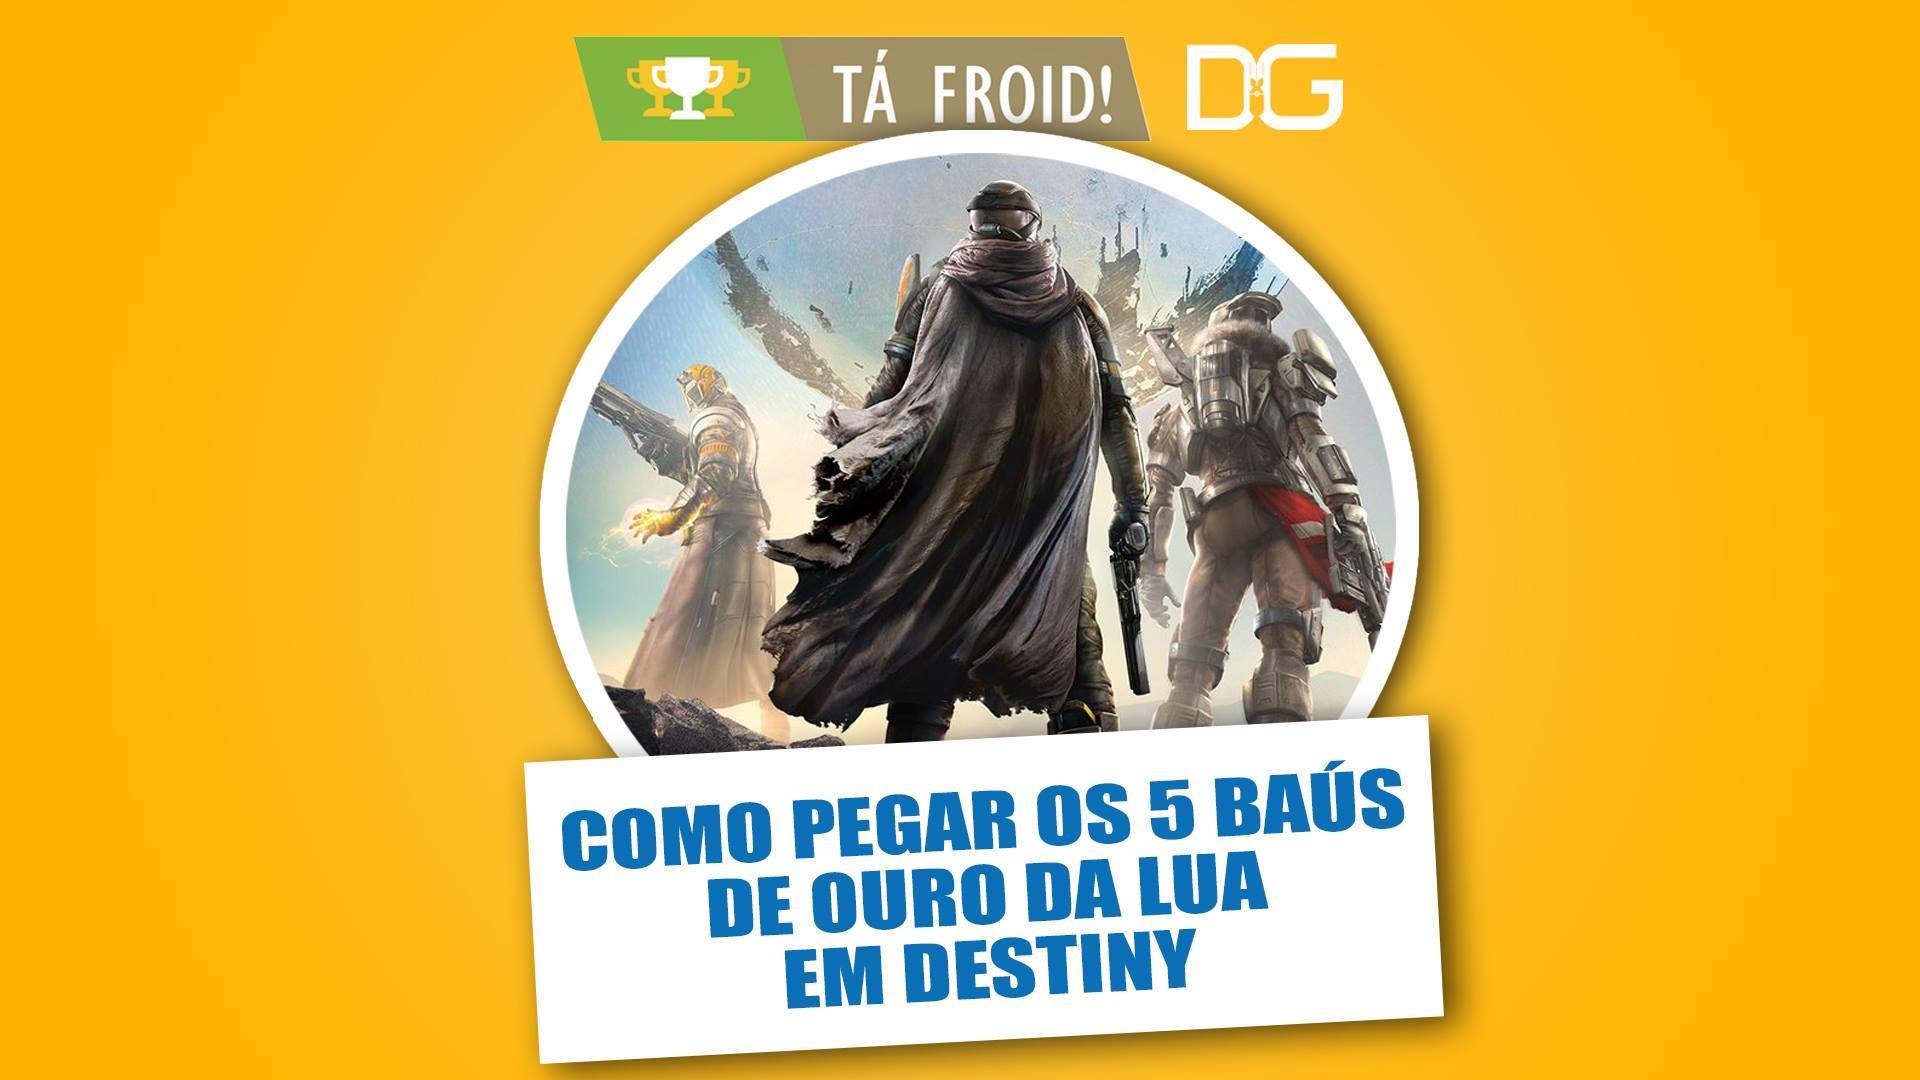 Destiny - Baús de Ouro - Lua